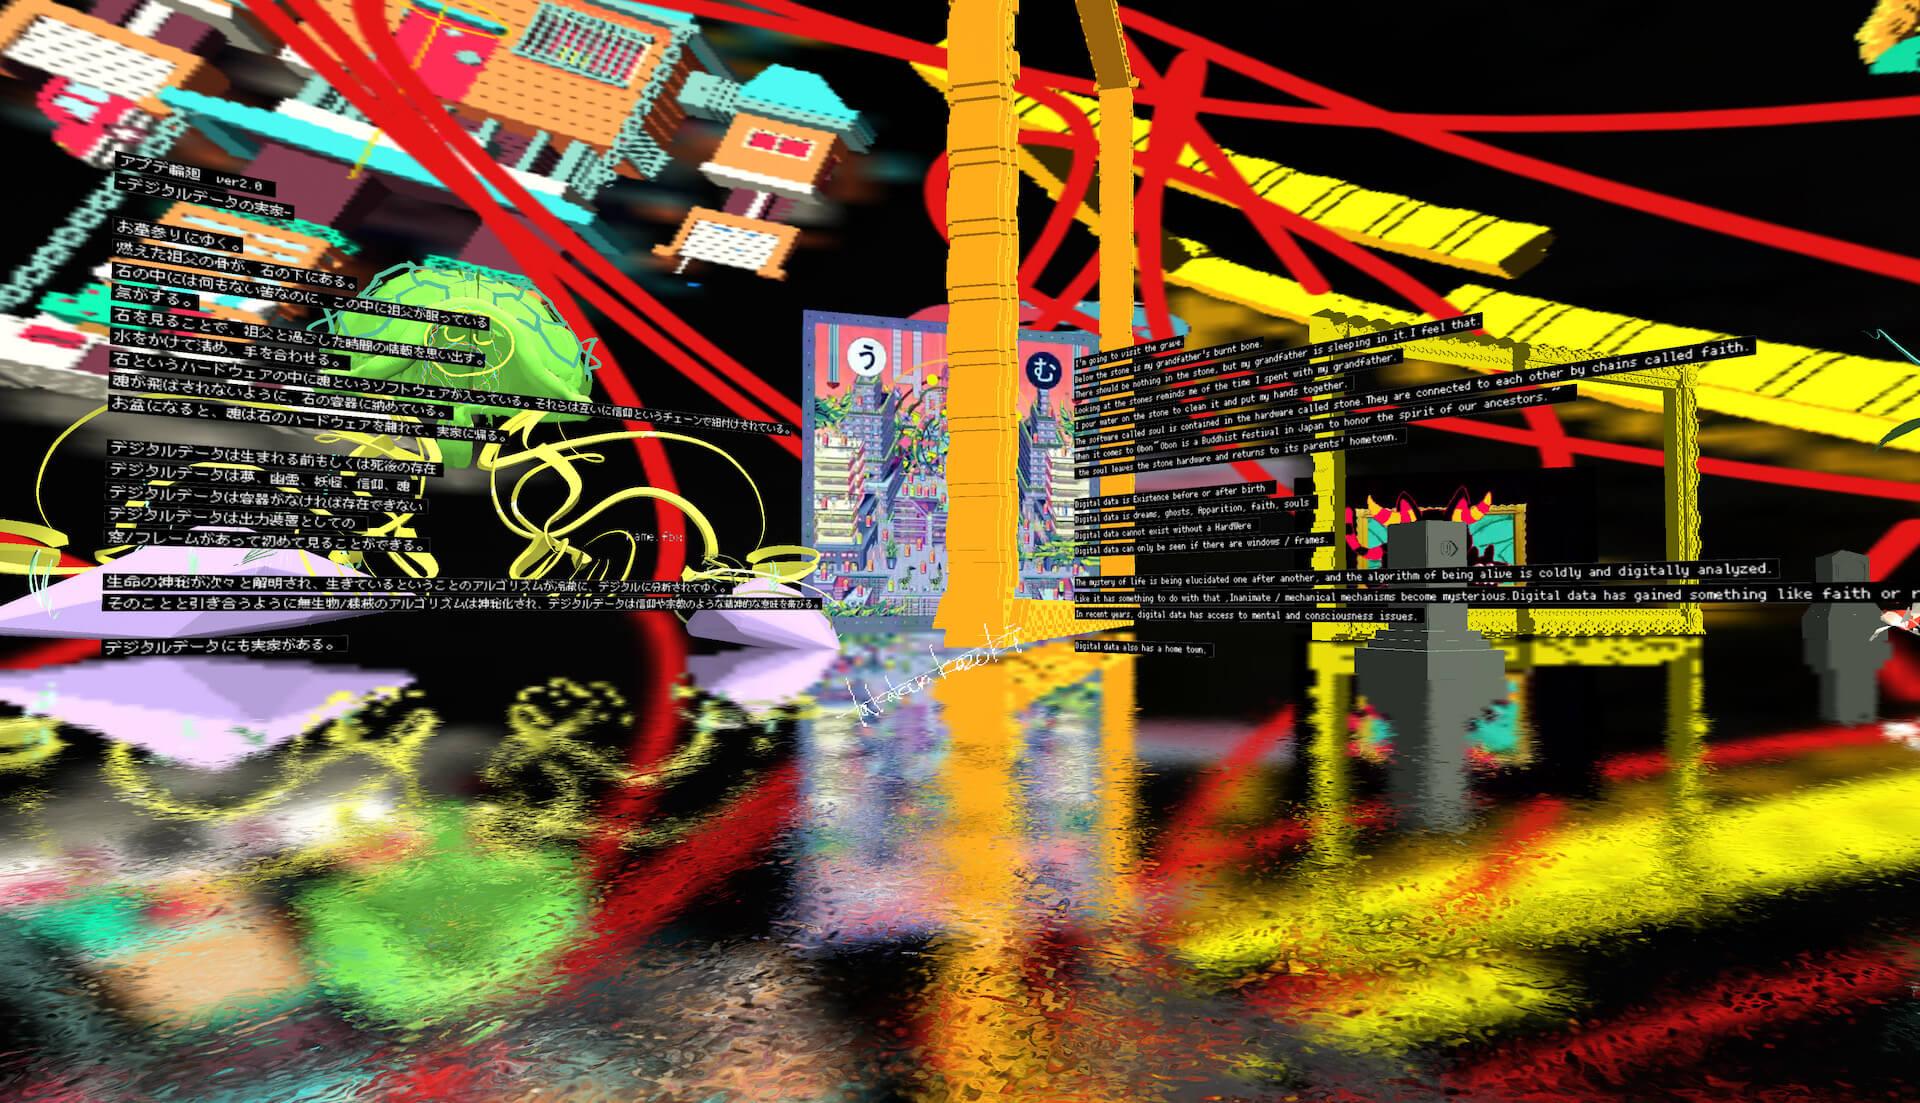 NFTに紐づくアートを展開するたかくらかずきによる継続的制作活動<アプデ輪廻>がスタート! art210331_takakurakazuki_apude_2